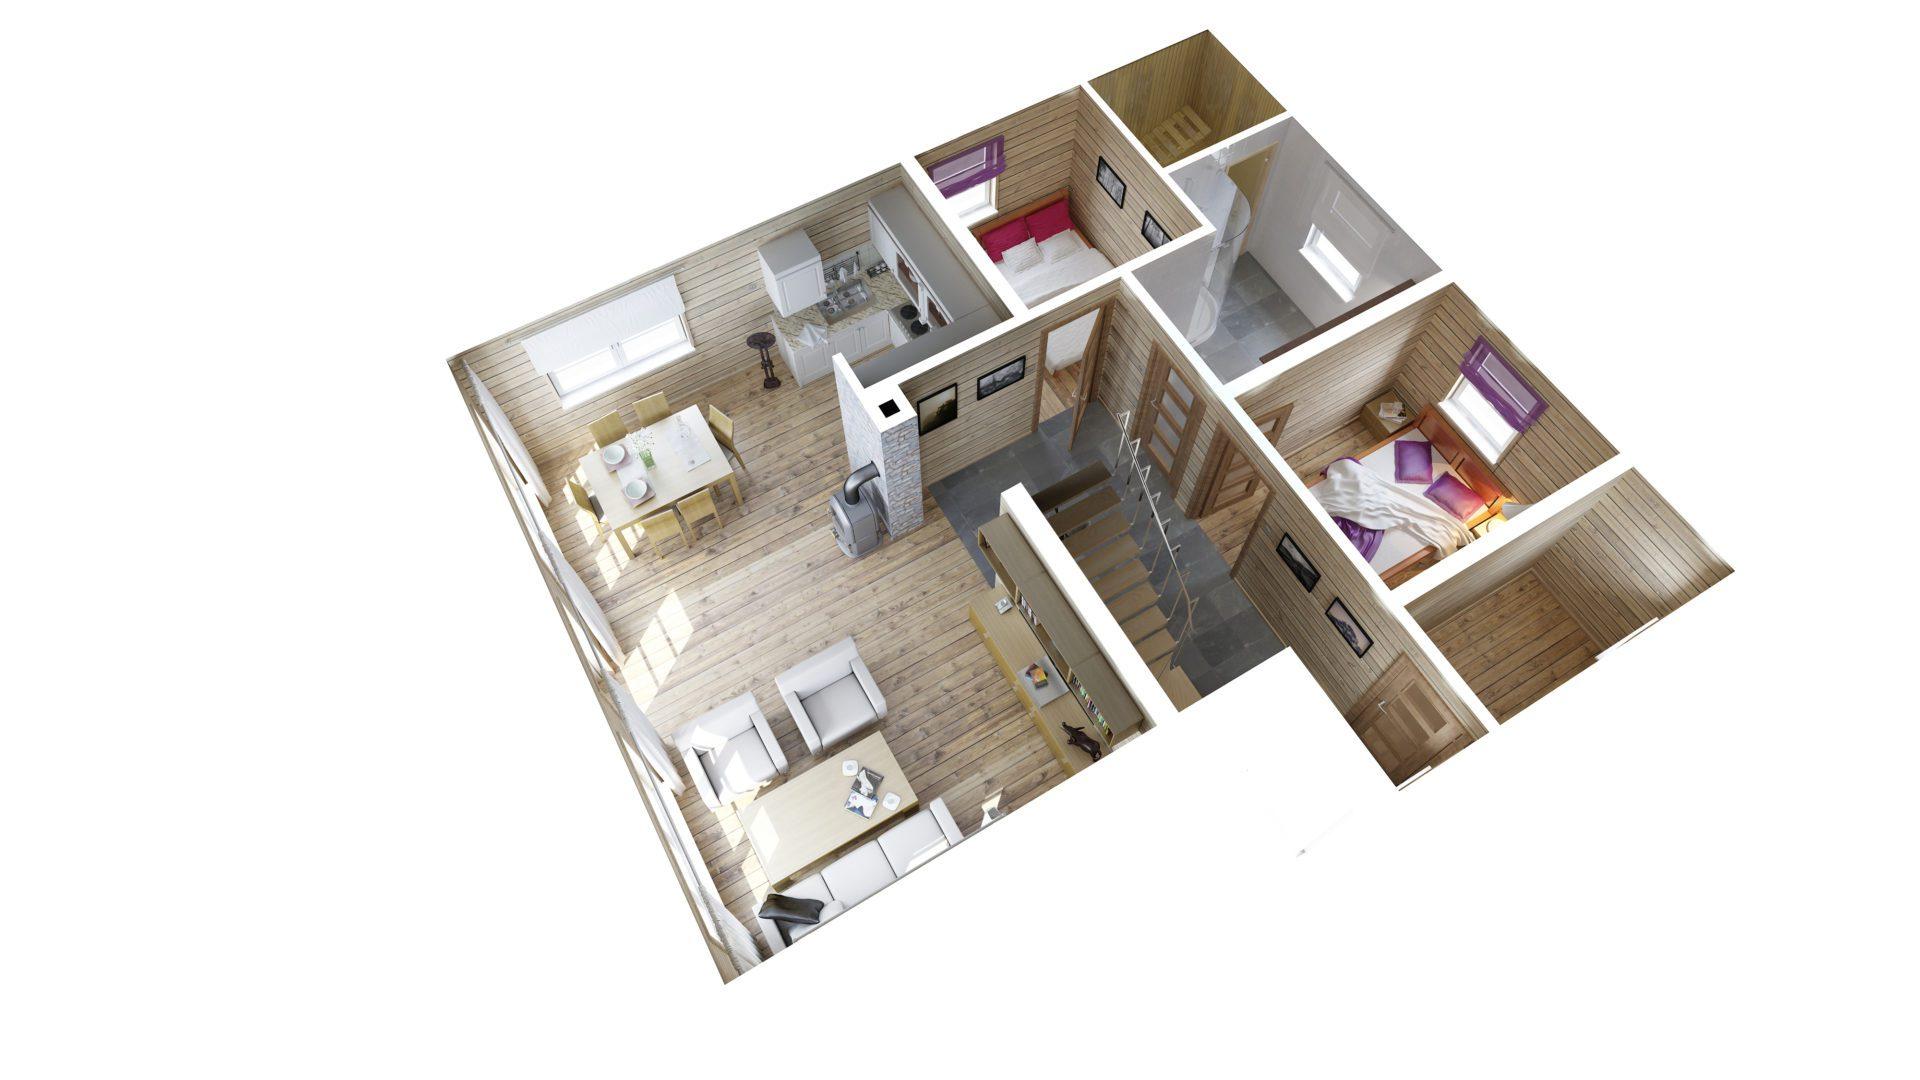 plan 3d parteru domku letniskowego